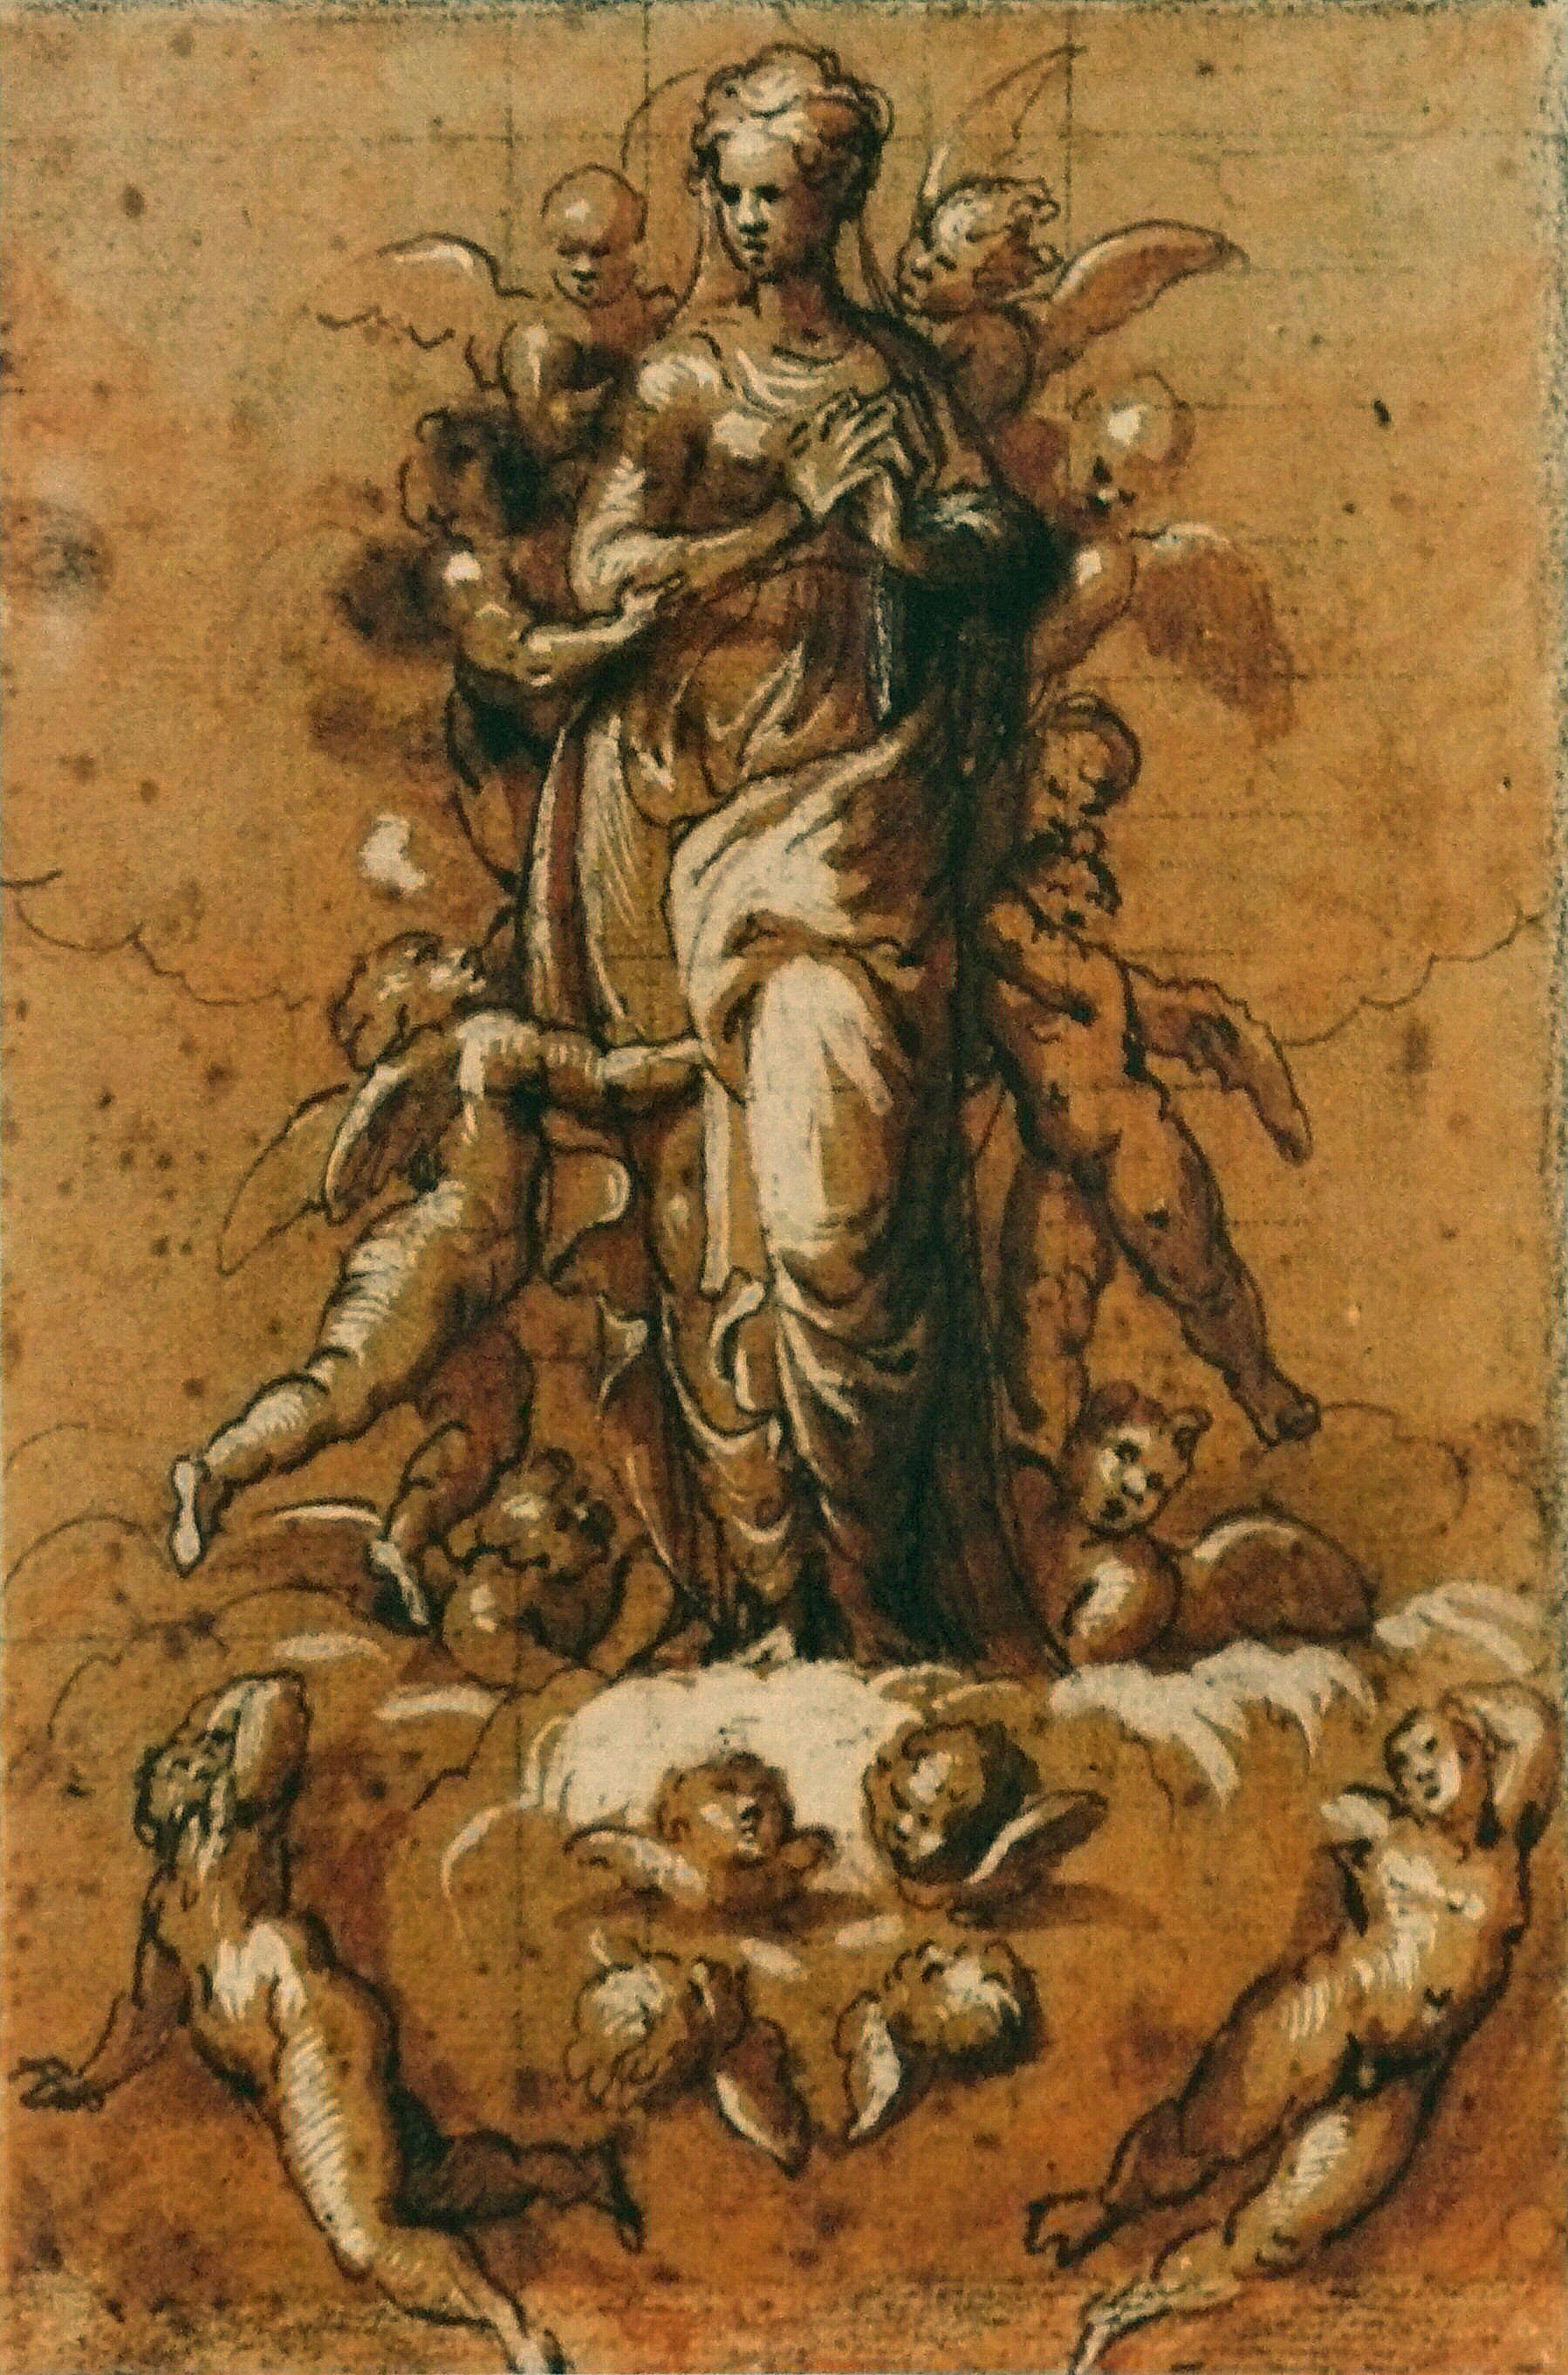 Reliquia símbolo de la Protección: El Velo de la Virgen María, celebración Ortodoxa (2 jul)